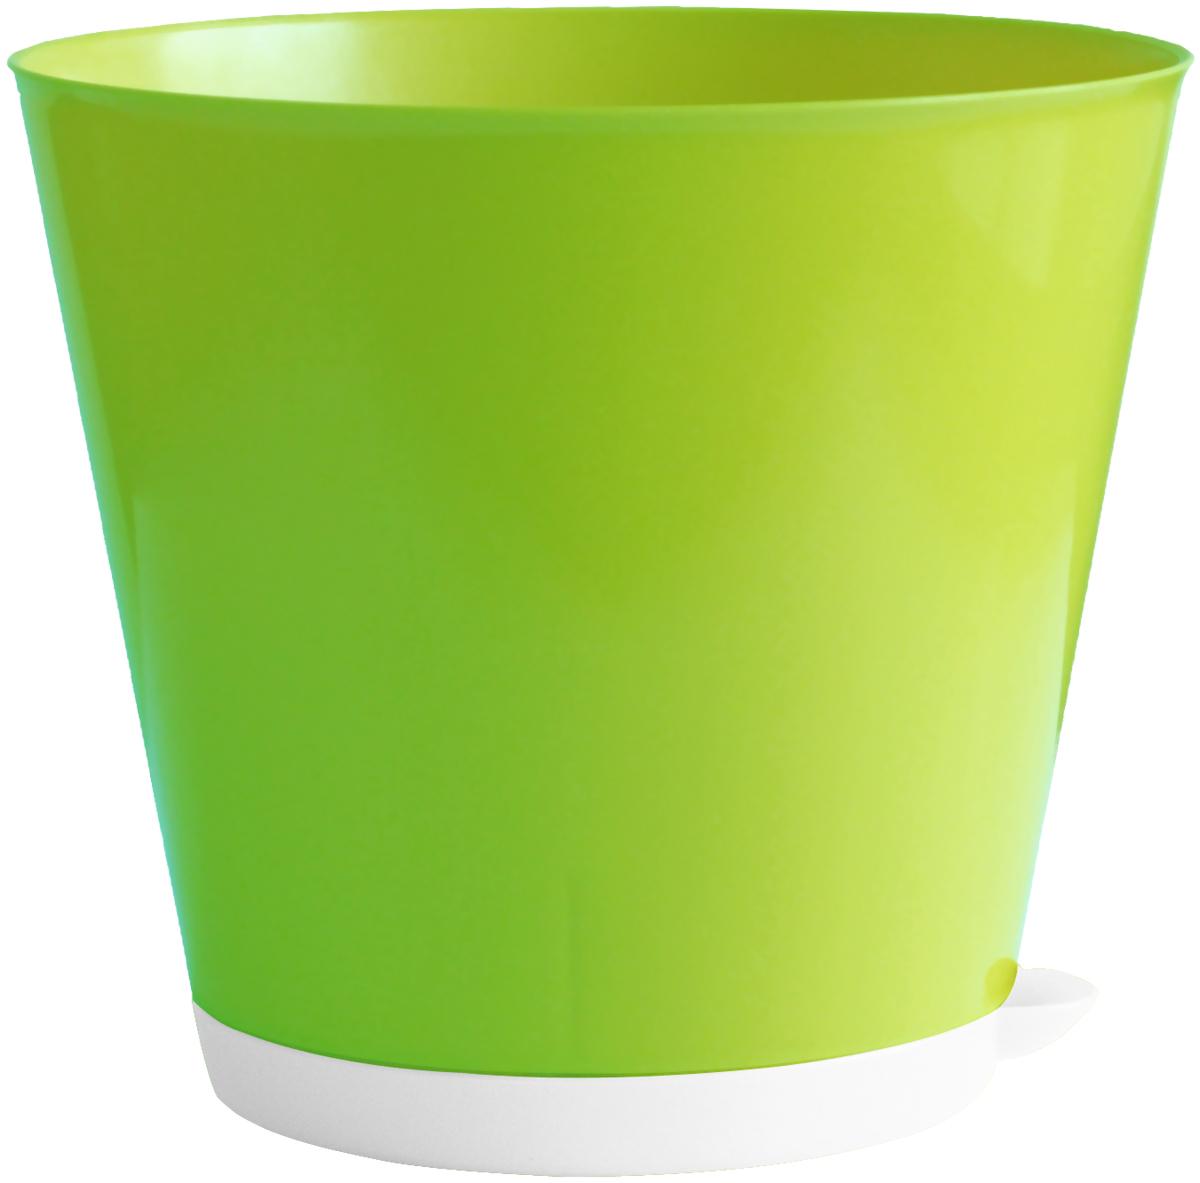 Горшок для цветов InGreen Крит, диаметр 12 см, с прикорневым поливом, цвет: салатовыйING46012СЛ-16РSЯркие образы и формы горшков Крит притягивают глаз, концентрируют на себе внимание и создают непосредственную атмосферу вечного праздника. Горшки Крит выполнены из высококачественного пластика, не бьются, не выгорают на солнце. Специальная конструкция обеспечивает вентиляцию в корневой системе растения, а дренажные отверстия позволяют выходить лишней влаге из почвы. Крепёжные отверстия и штыри прочно крепят подставку к горшку. Прикорневой полив растения осуществляется через удобный носик. Горшки Крит предназначены для выращивания комнатных растений.